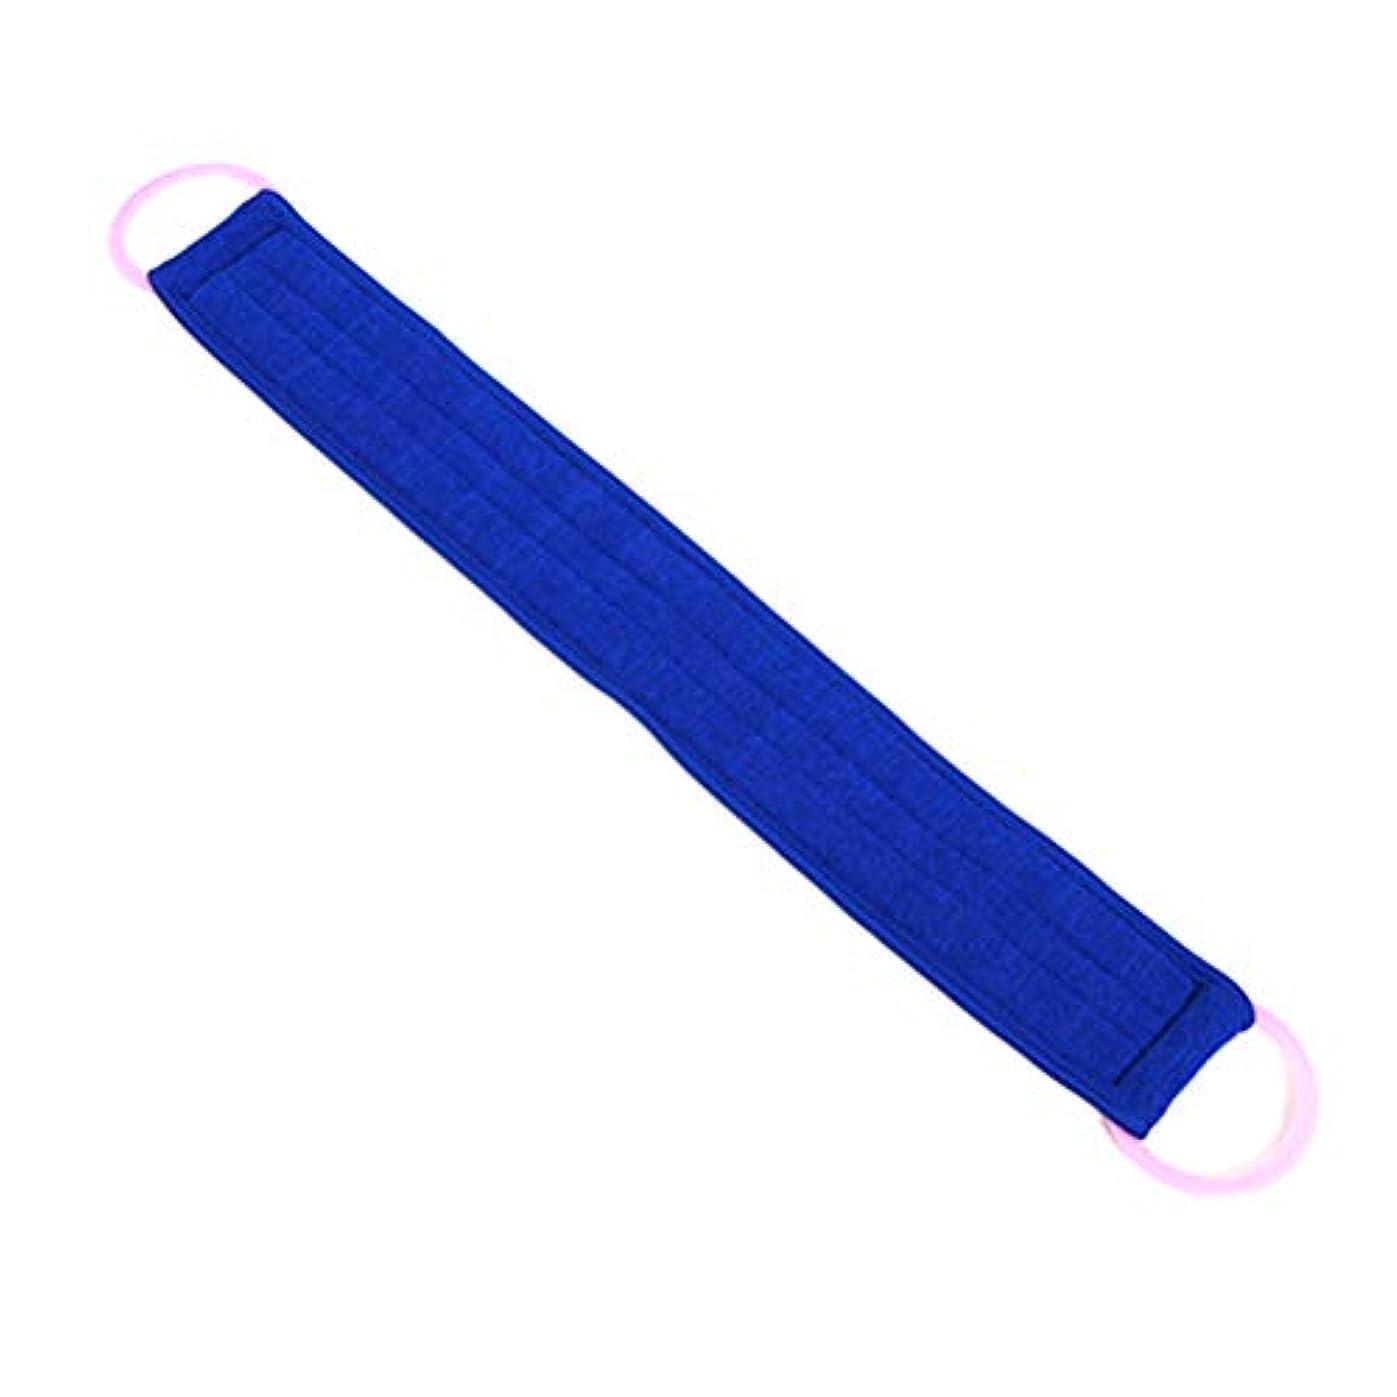 ファウルマージ電話をかけるLurrose バスラブブラシエクスフォリエイトプルバックストリップラブバックベルトチョッピングバンドバスタオル(ブルー)